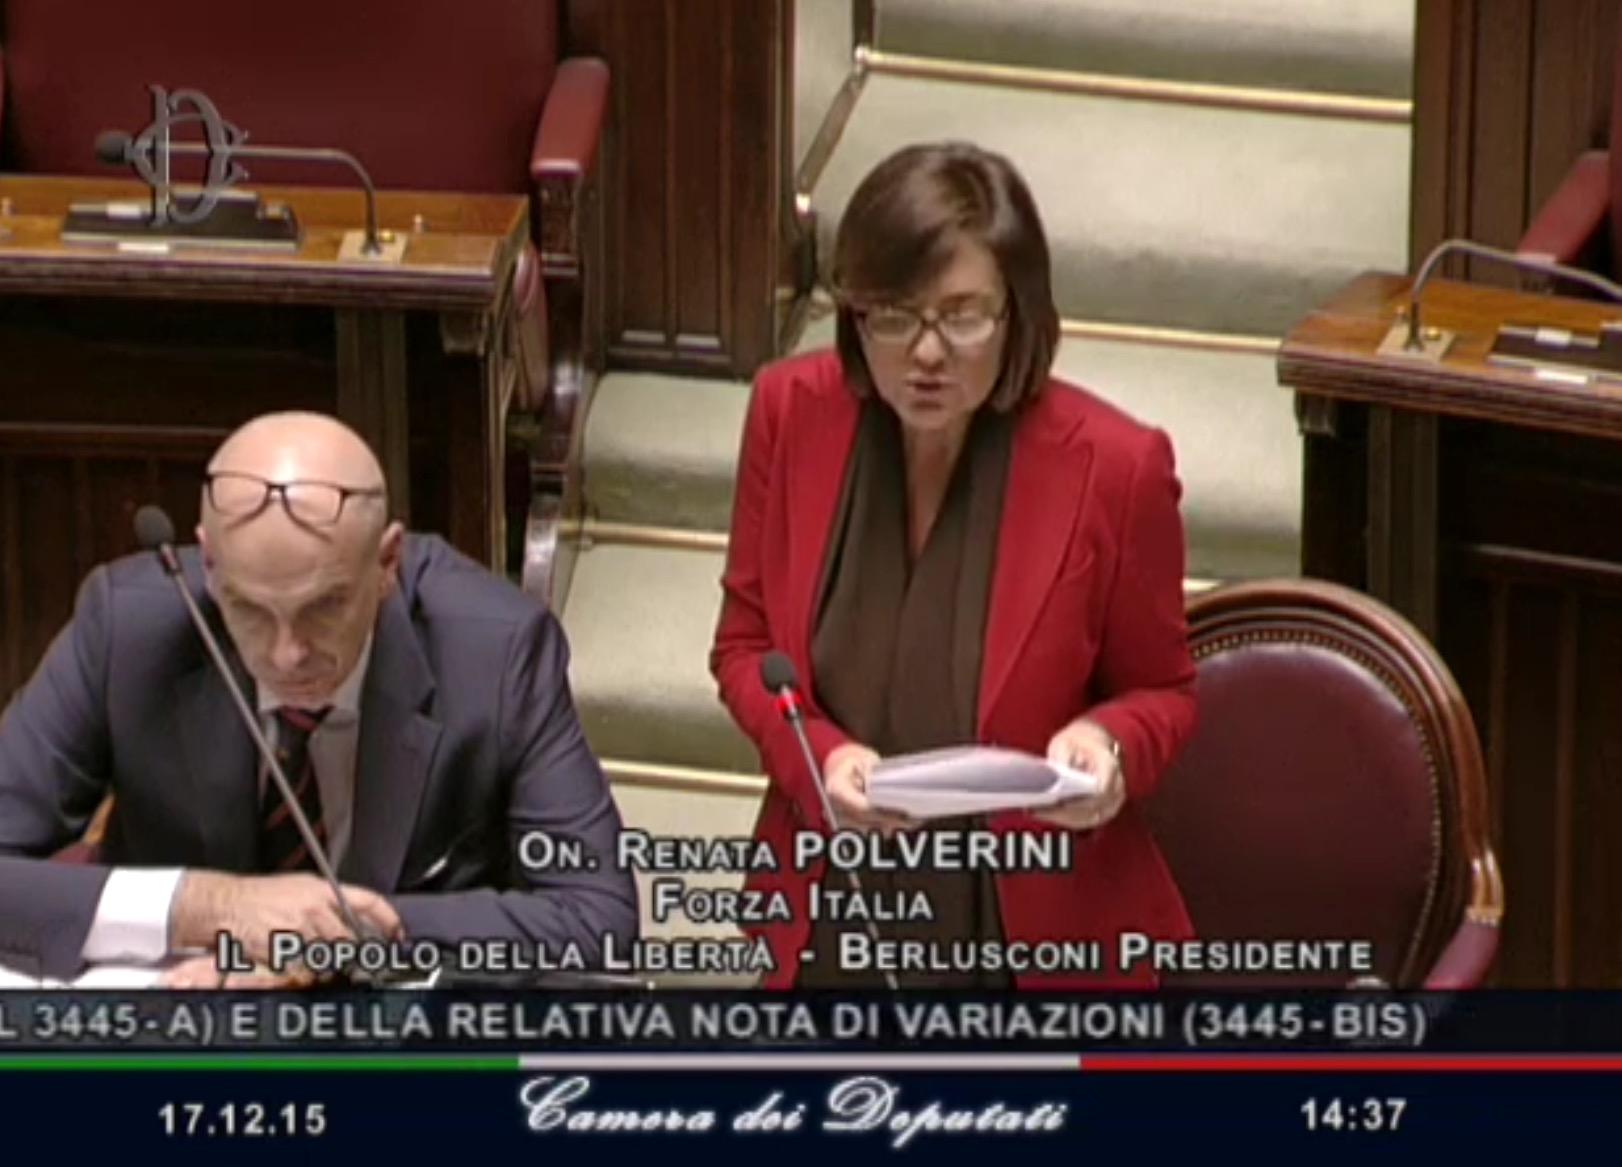 On. Renata Polverini, Vice Presidente della XI Commissione Lavoro Pubblico e Privato e responsabile Dipartimento Nazionale delle politiche del lavoro e sindacali di FI